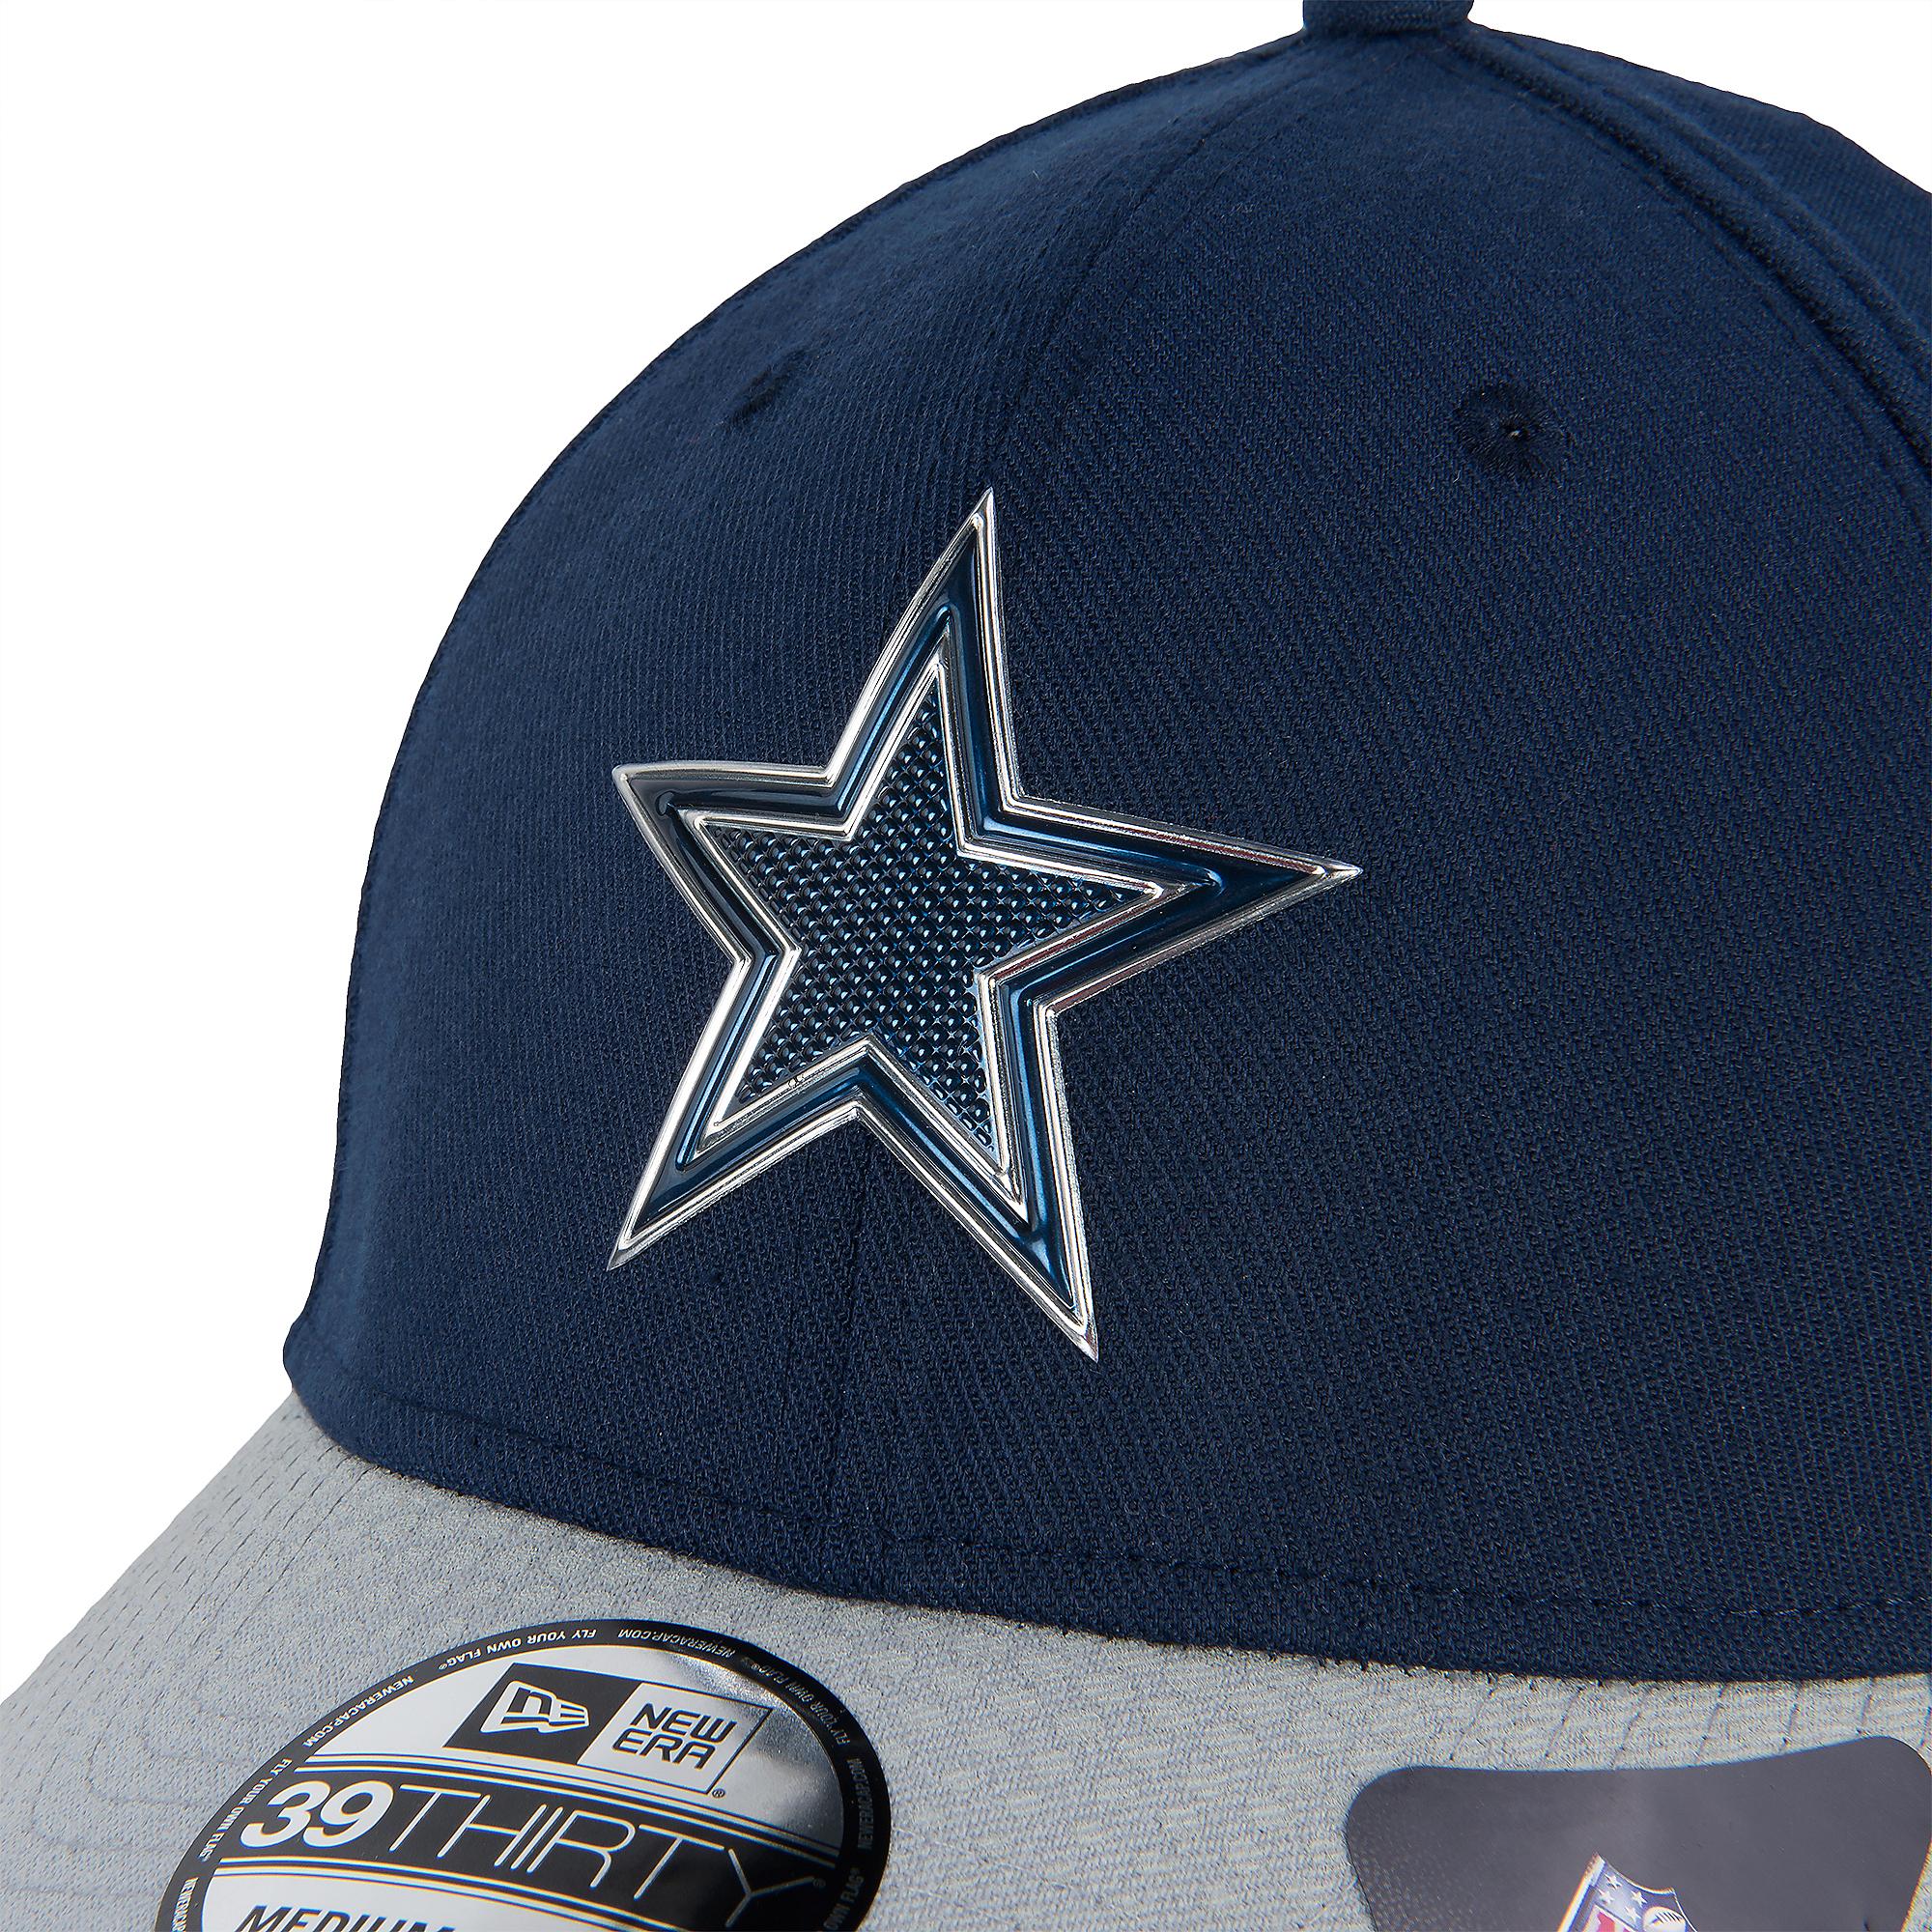 Dallas Cowboys New Era 2015 Draft 39Thirty ... 0a3ea3add8d